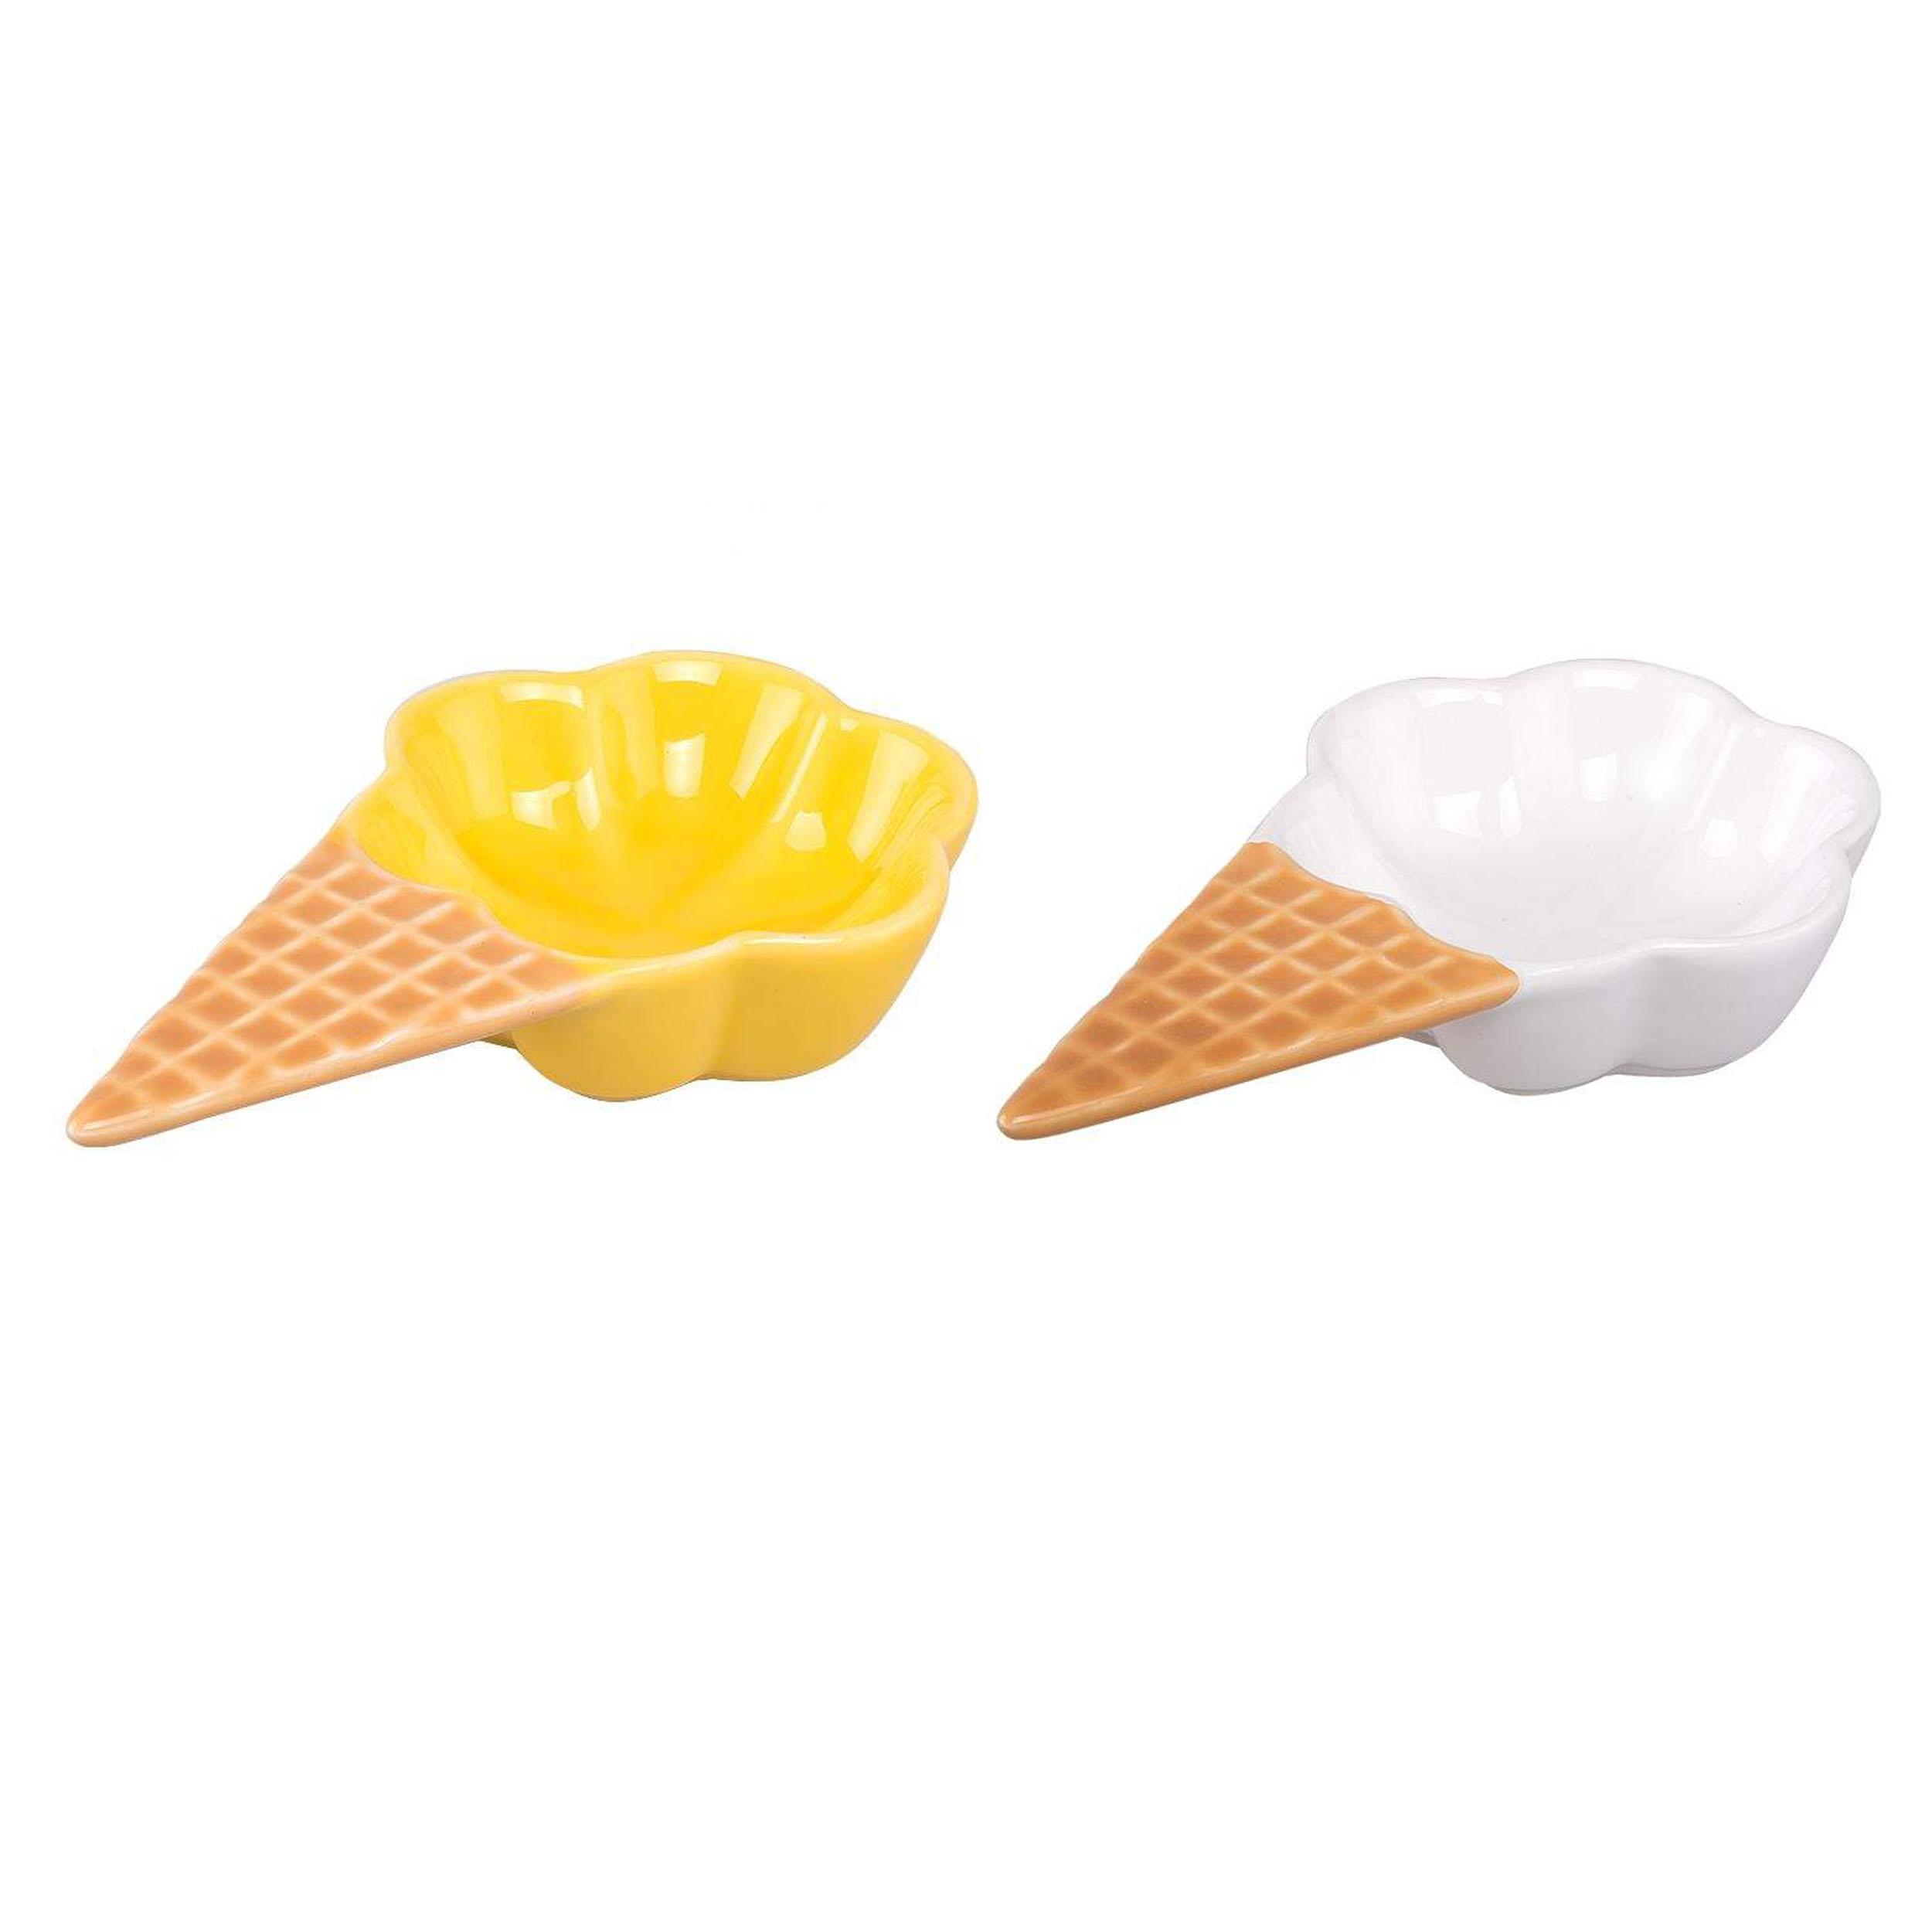 بستنی خوری کد 25  بسته 2 عددی